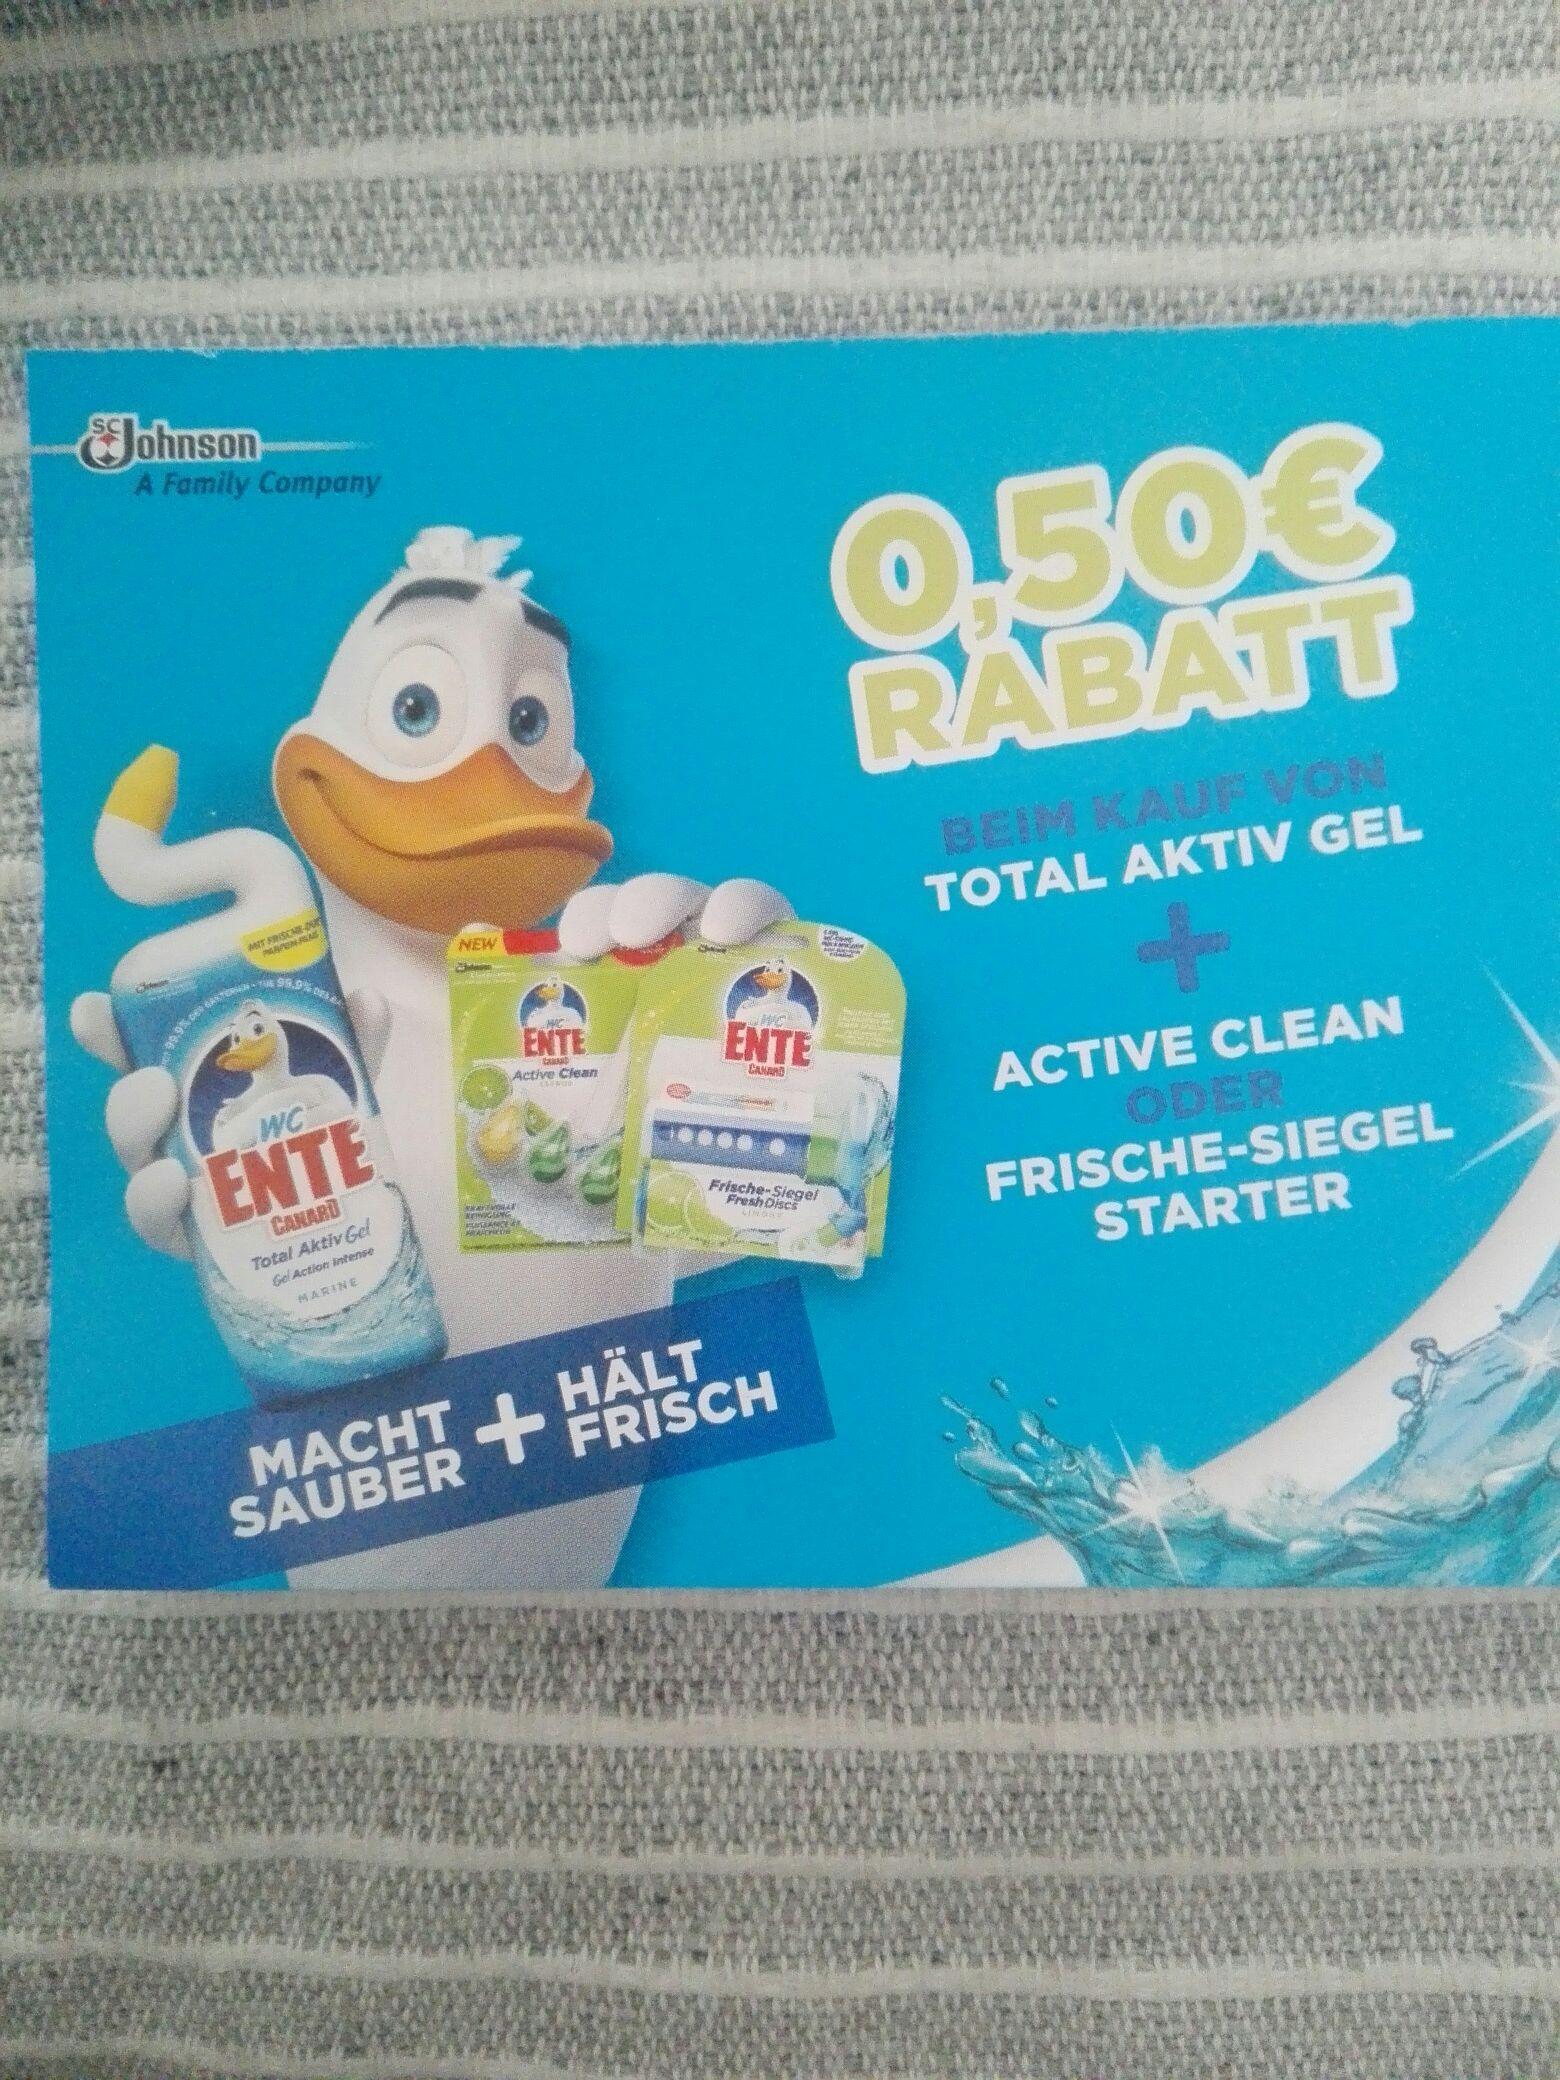 Real WC Ente Gel Gutschein gilt nur bei Kauf von 2 Produkten